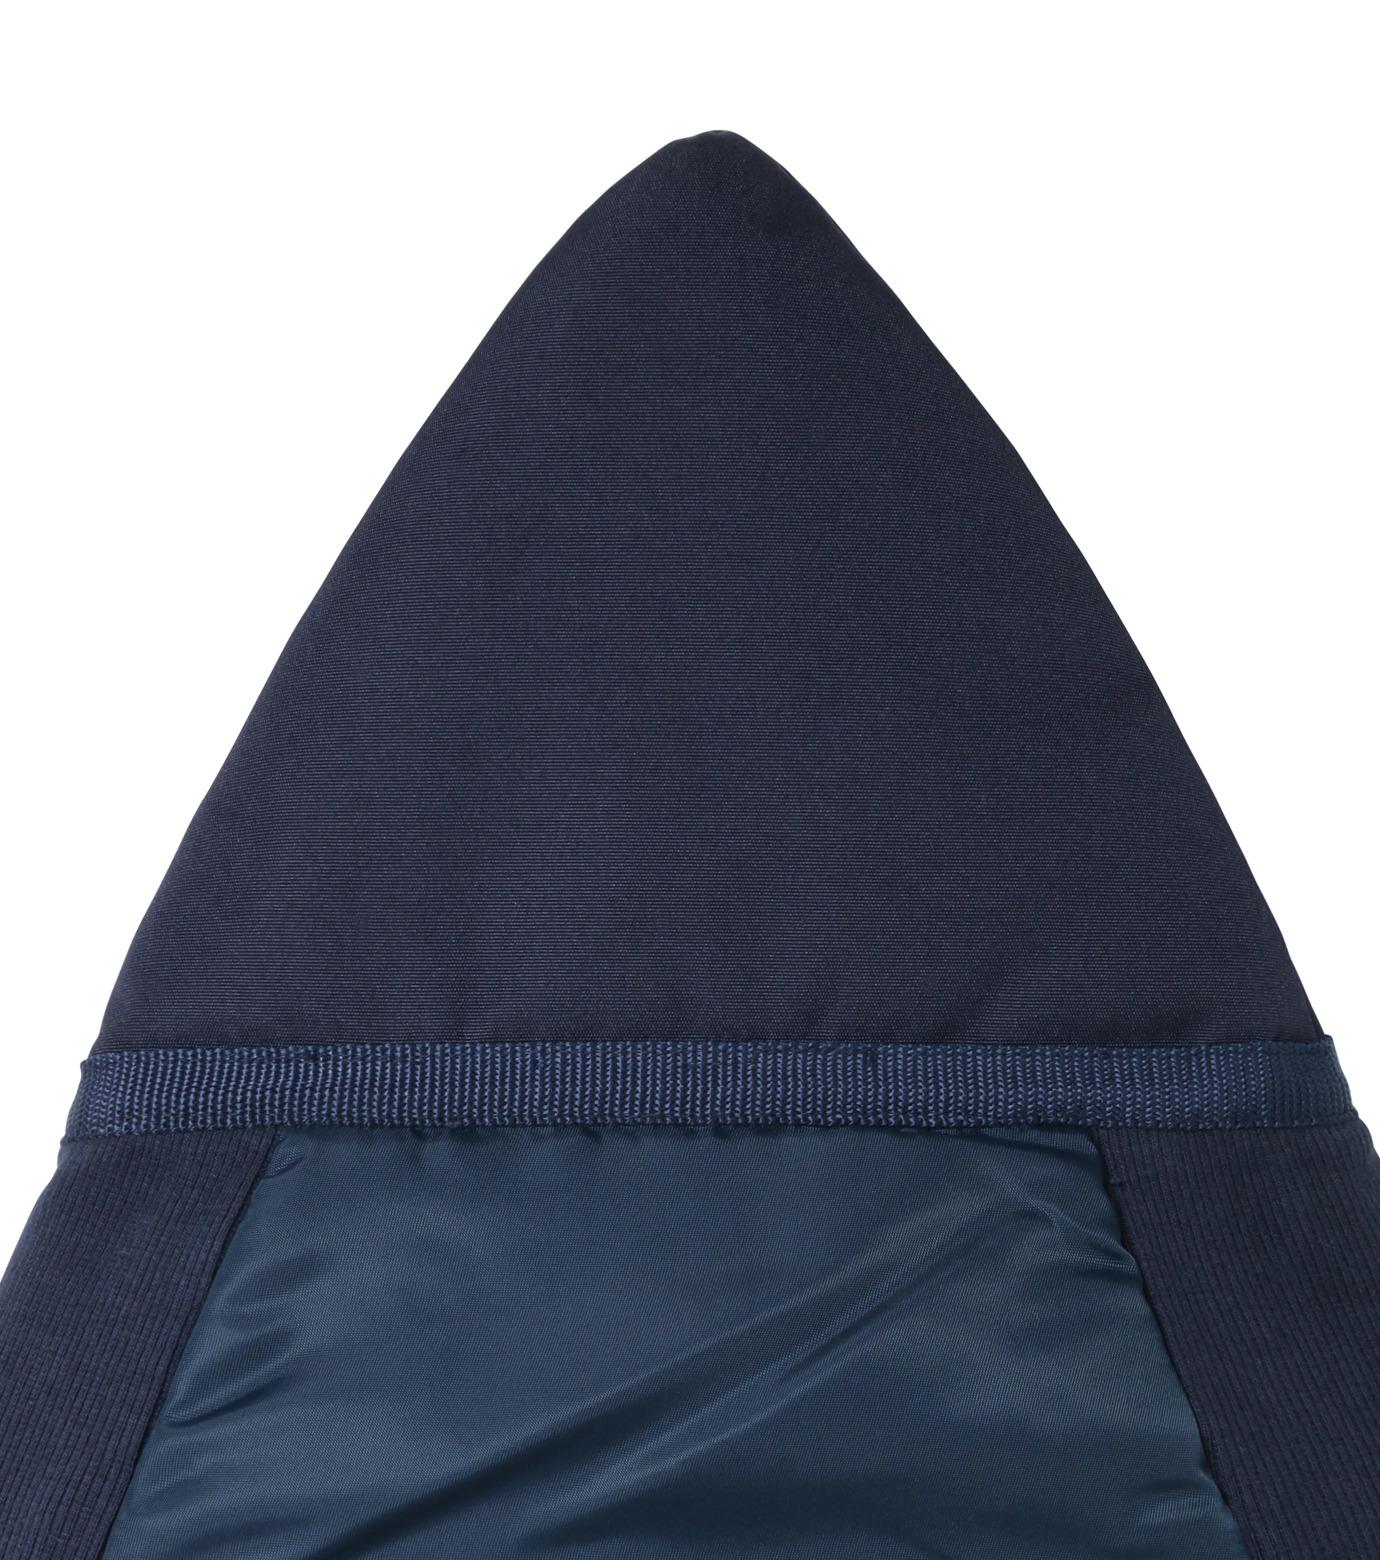 HEY YOU !(ヘイユウ)のSurfboard Jacket Retro-NAVY(サーフ/OUTDOOR/surf/OUTDOOR)-18S90010-93 拡大詳細画像2